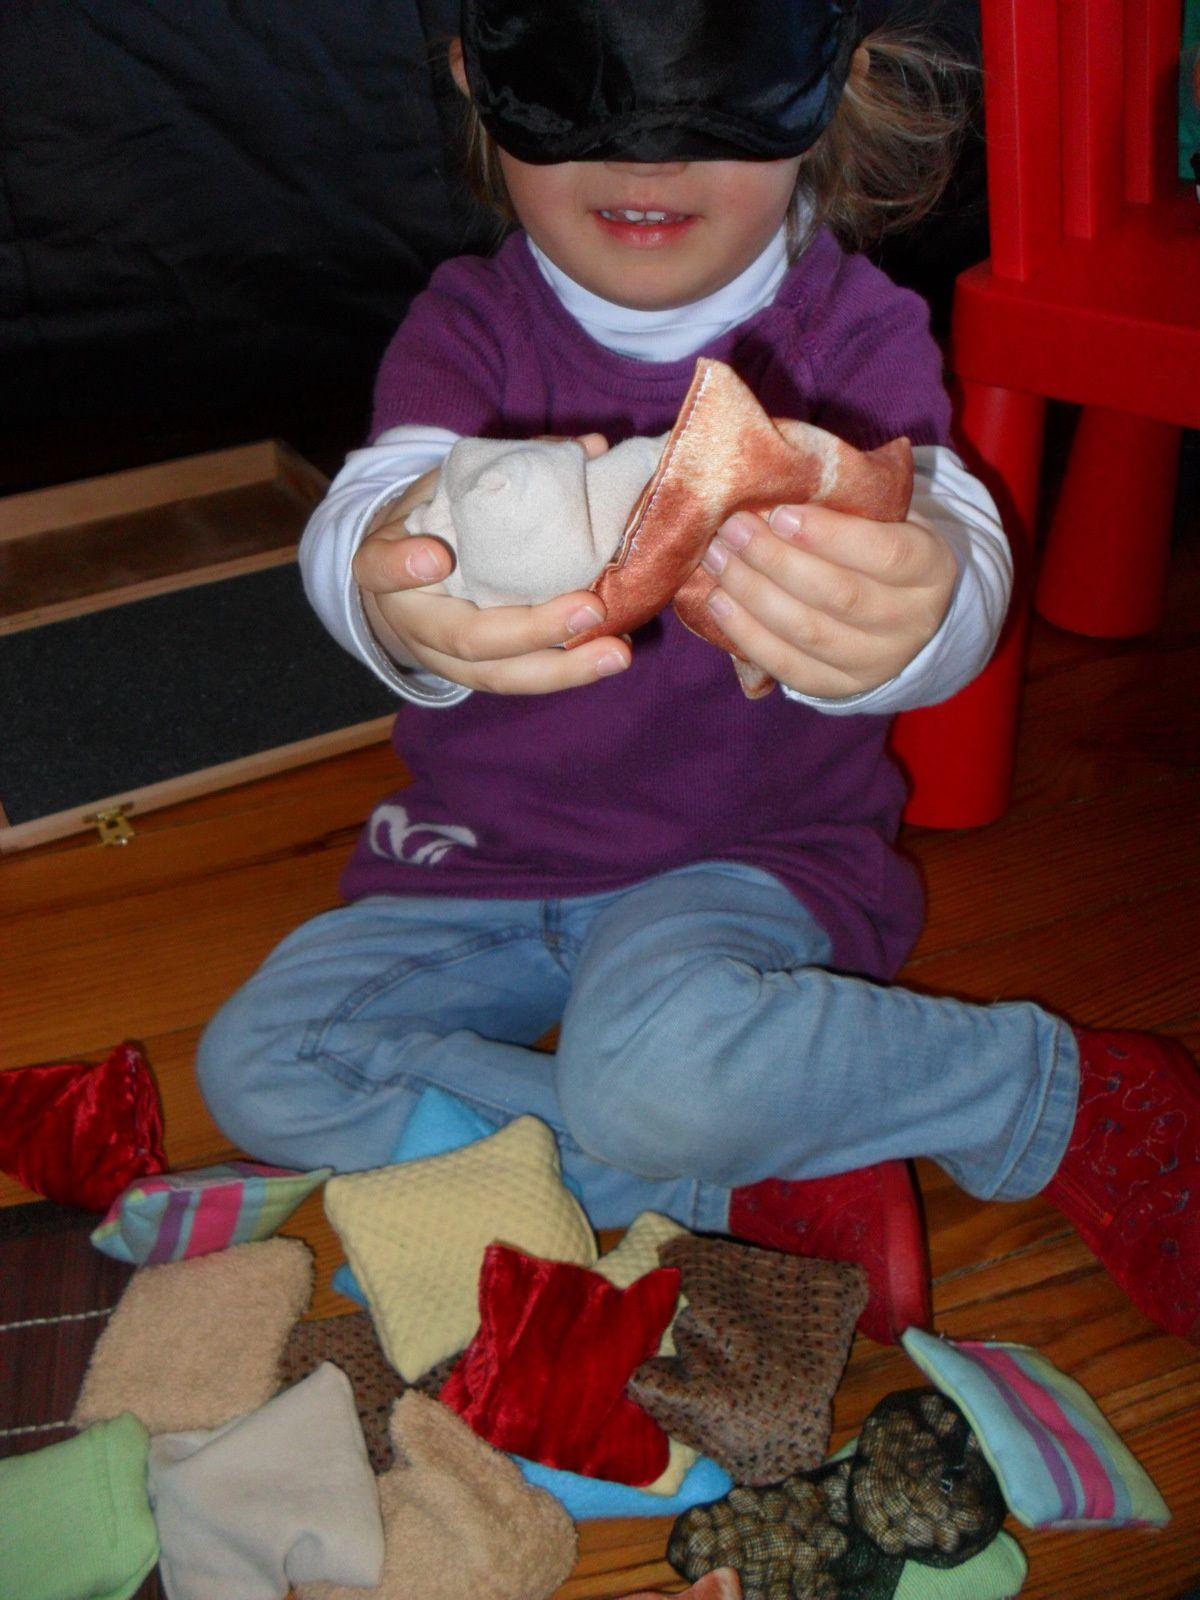 Elle prend un coussin dans sa main droite, et un cousssin dans sa main gauche et les touche pour regarder s'ils sont identiques.